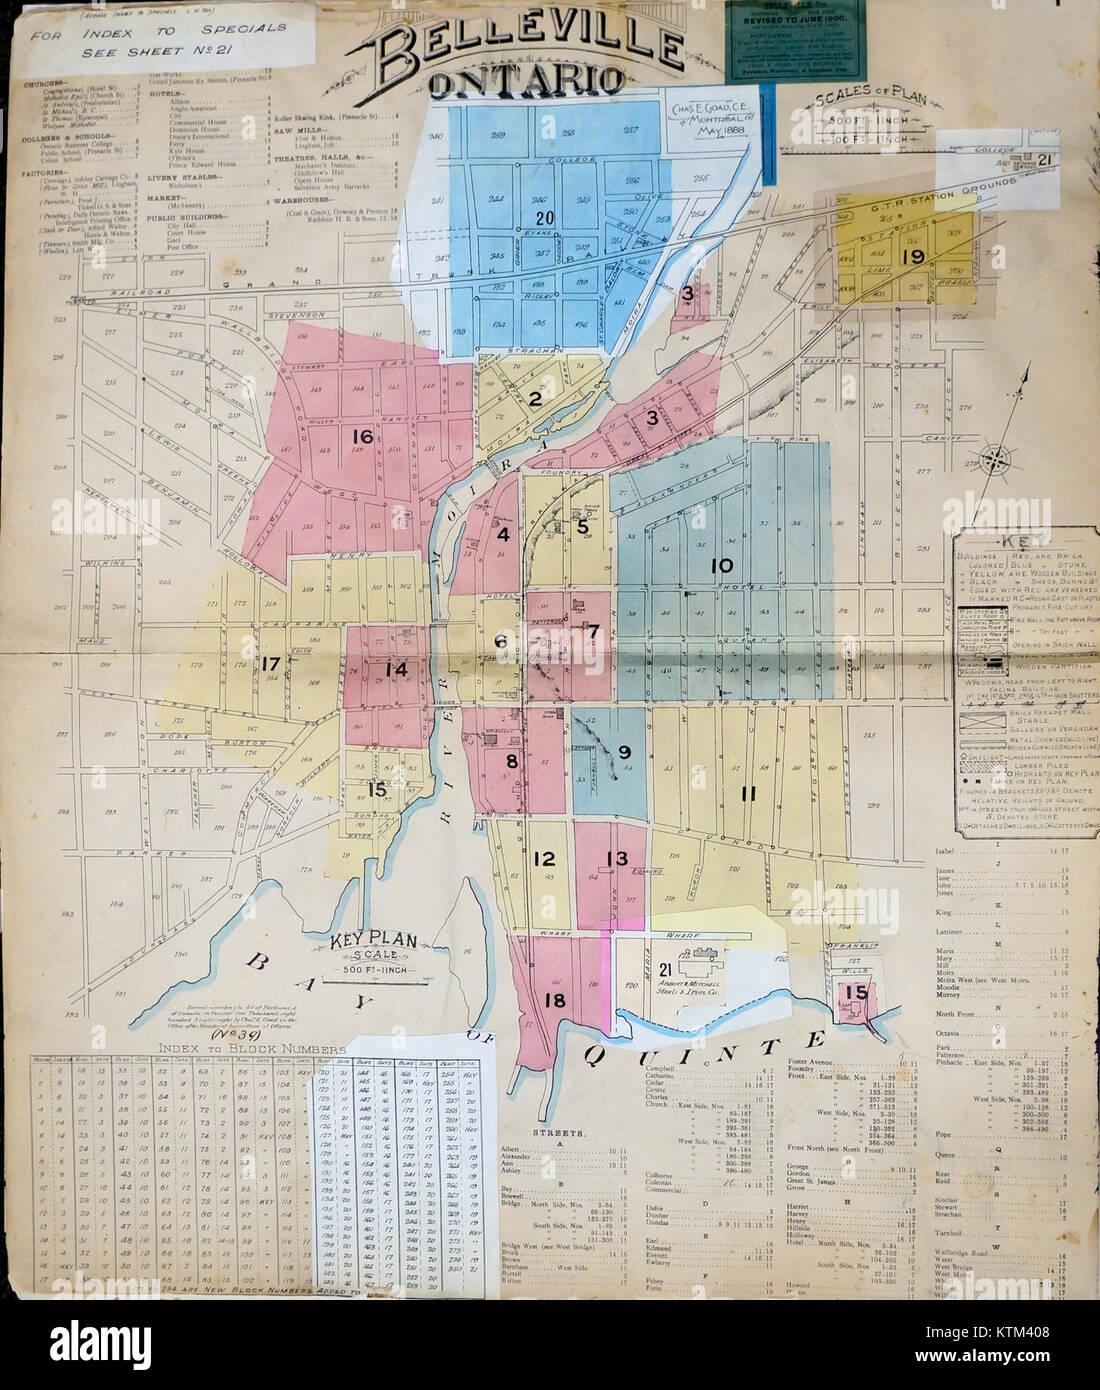 Belleville fire insurance map 1888 1900 Key